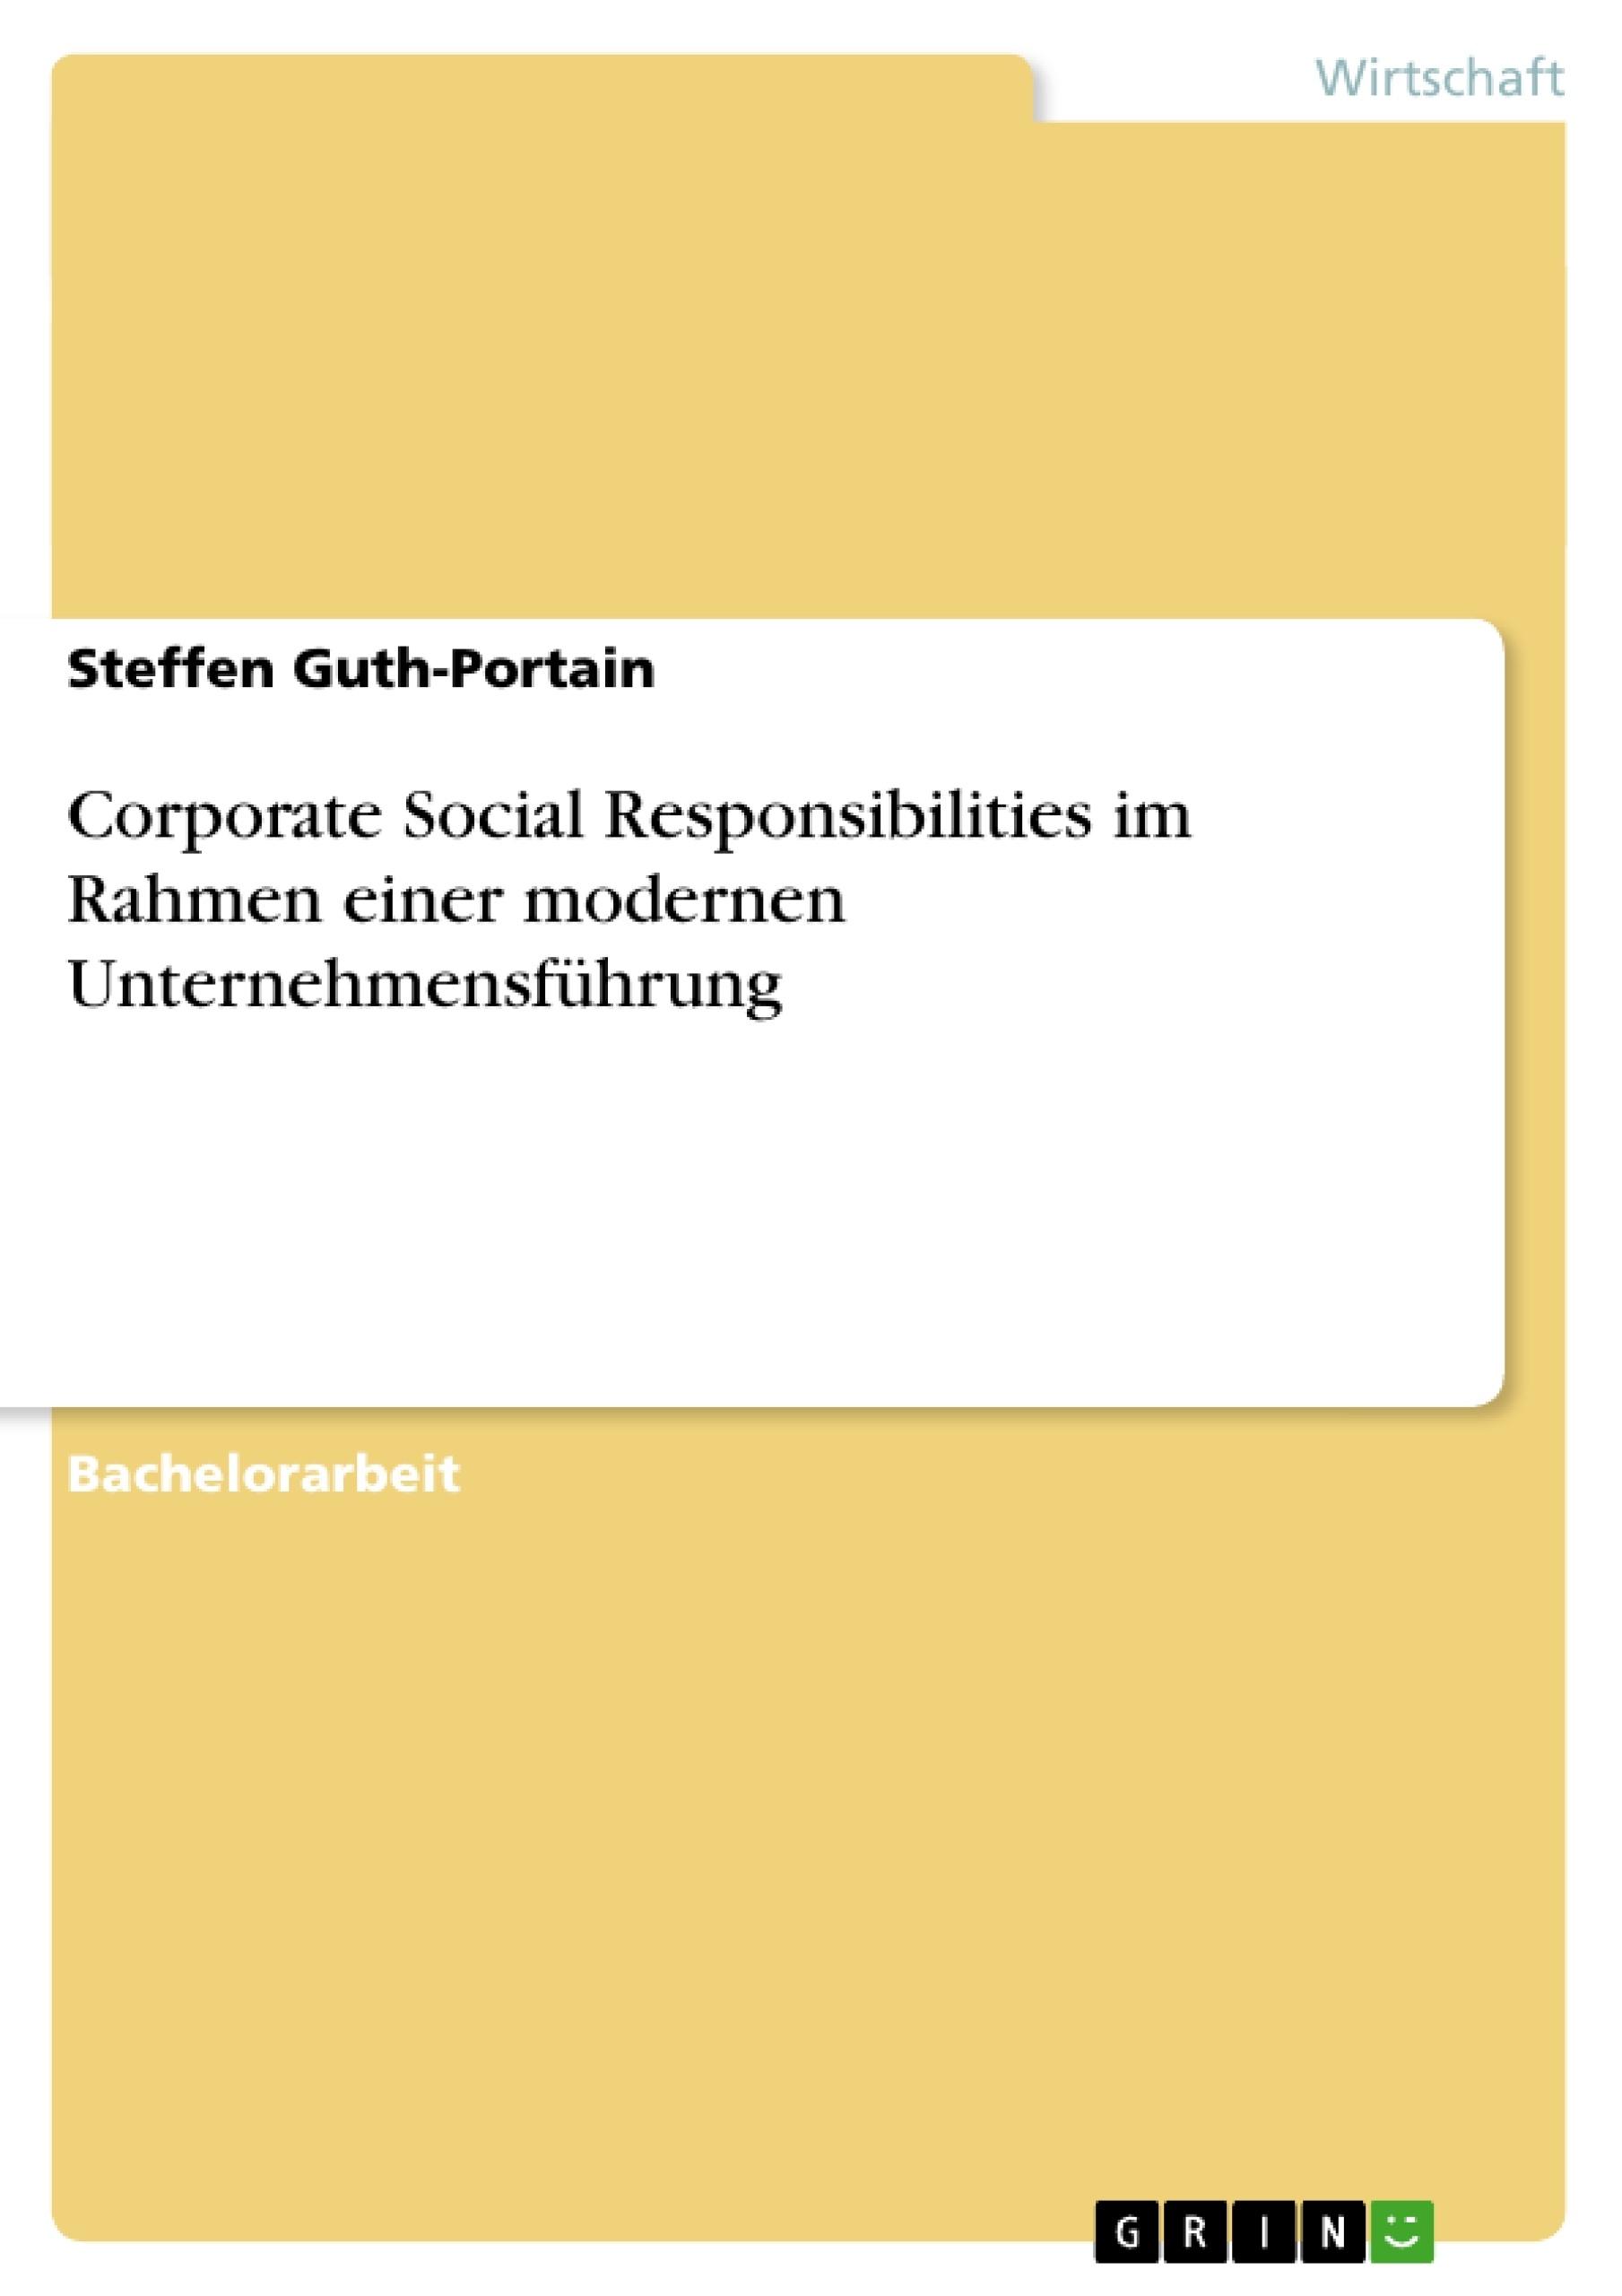 Titel: Corporate Social Responsibilities im Rahmen einer modernen Unternehmensführung